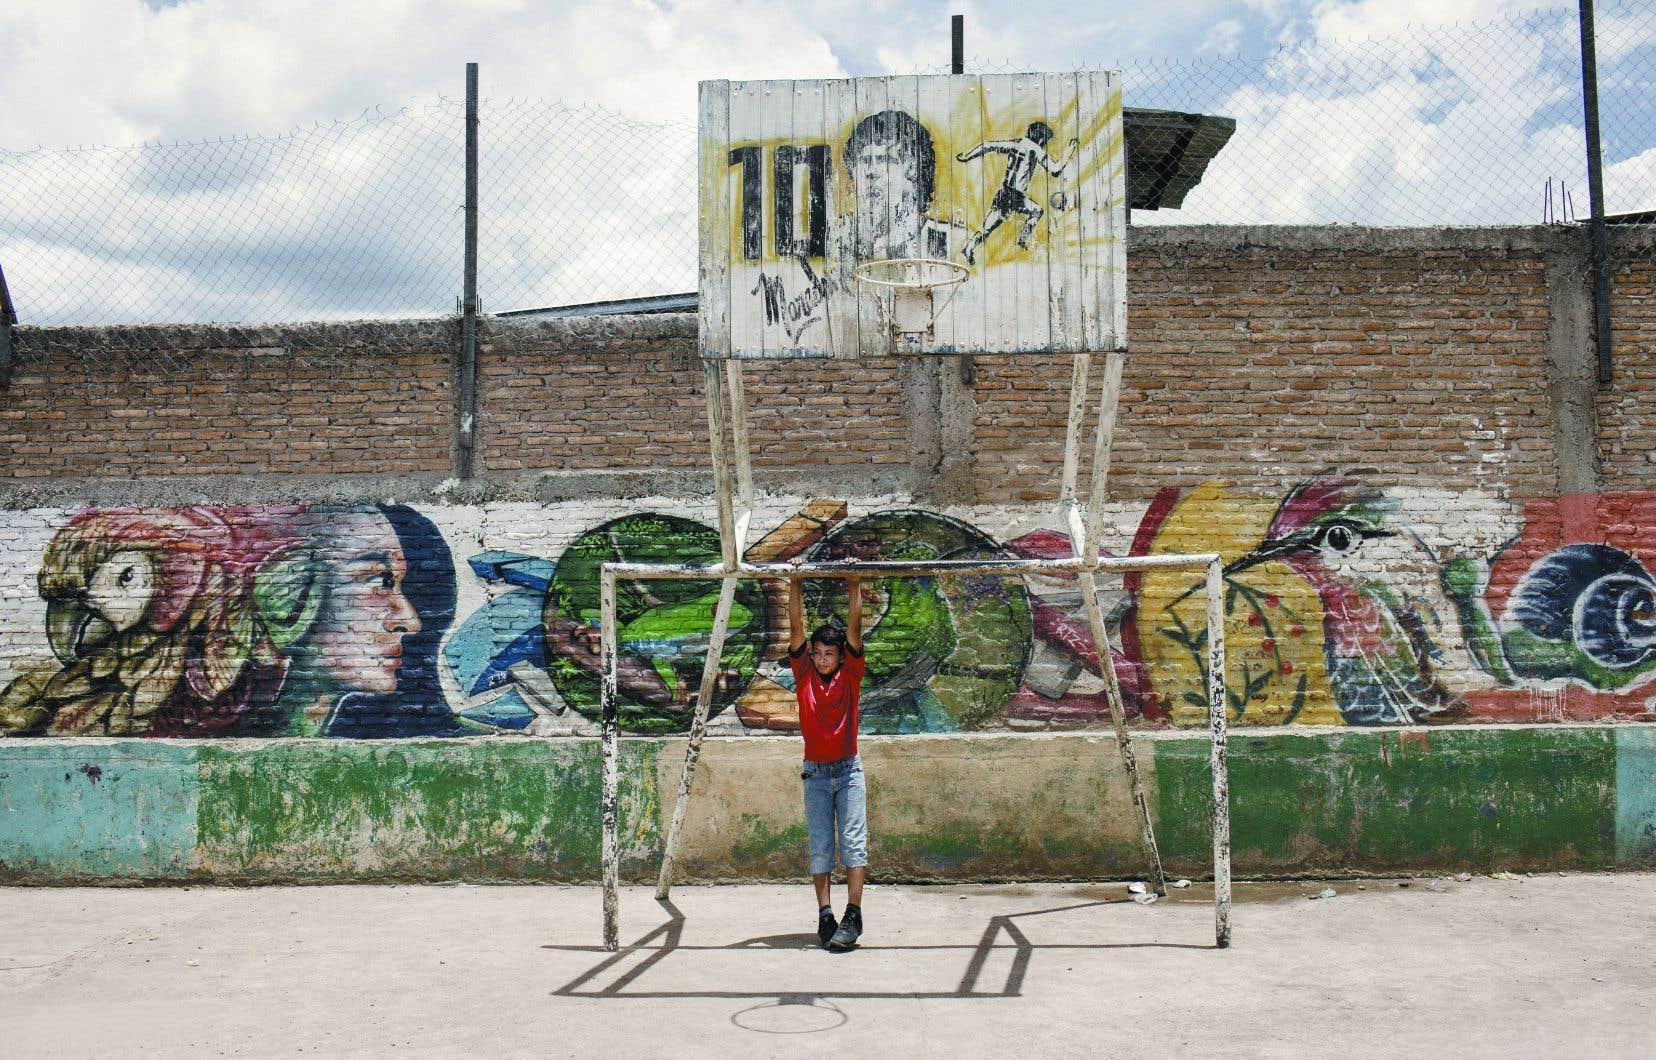 Grâce à des centaines de bénévoles présents dans les quartiers les plus risqués du Honduras, des milliers de jeunes de 6 à 20 ans ont accès à toute une gamme d'activités de renforcement et de soutien communautaire.